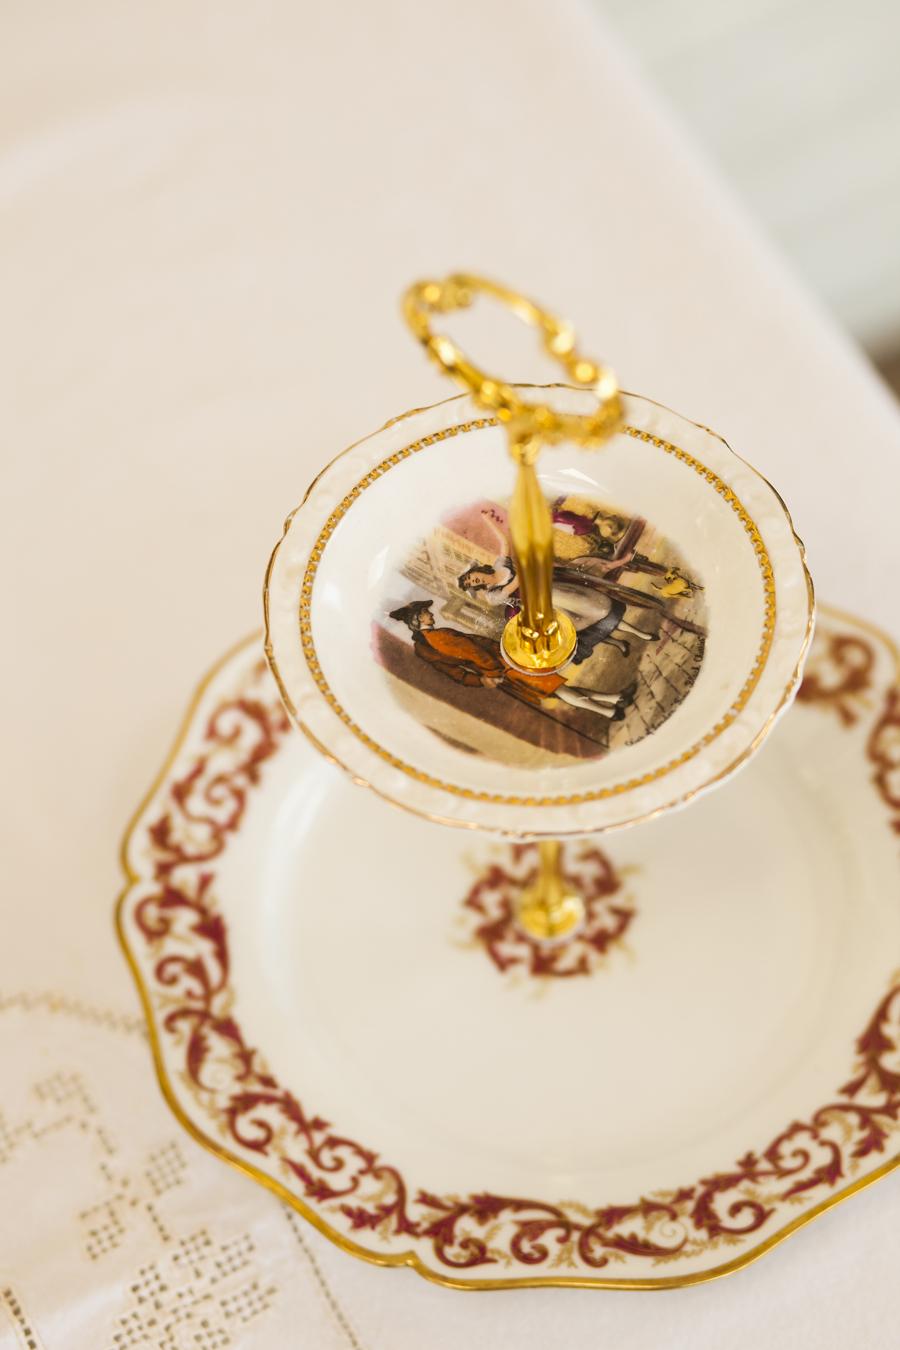 Etagere aus Porzellan, rot, gold weiss, Goldumrandung, gold Hardware.